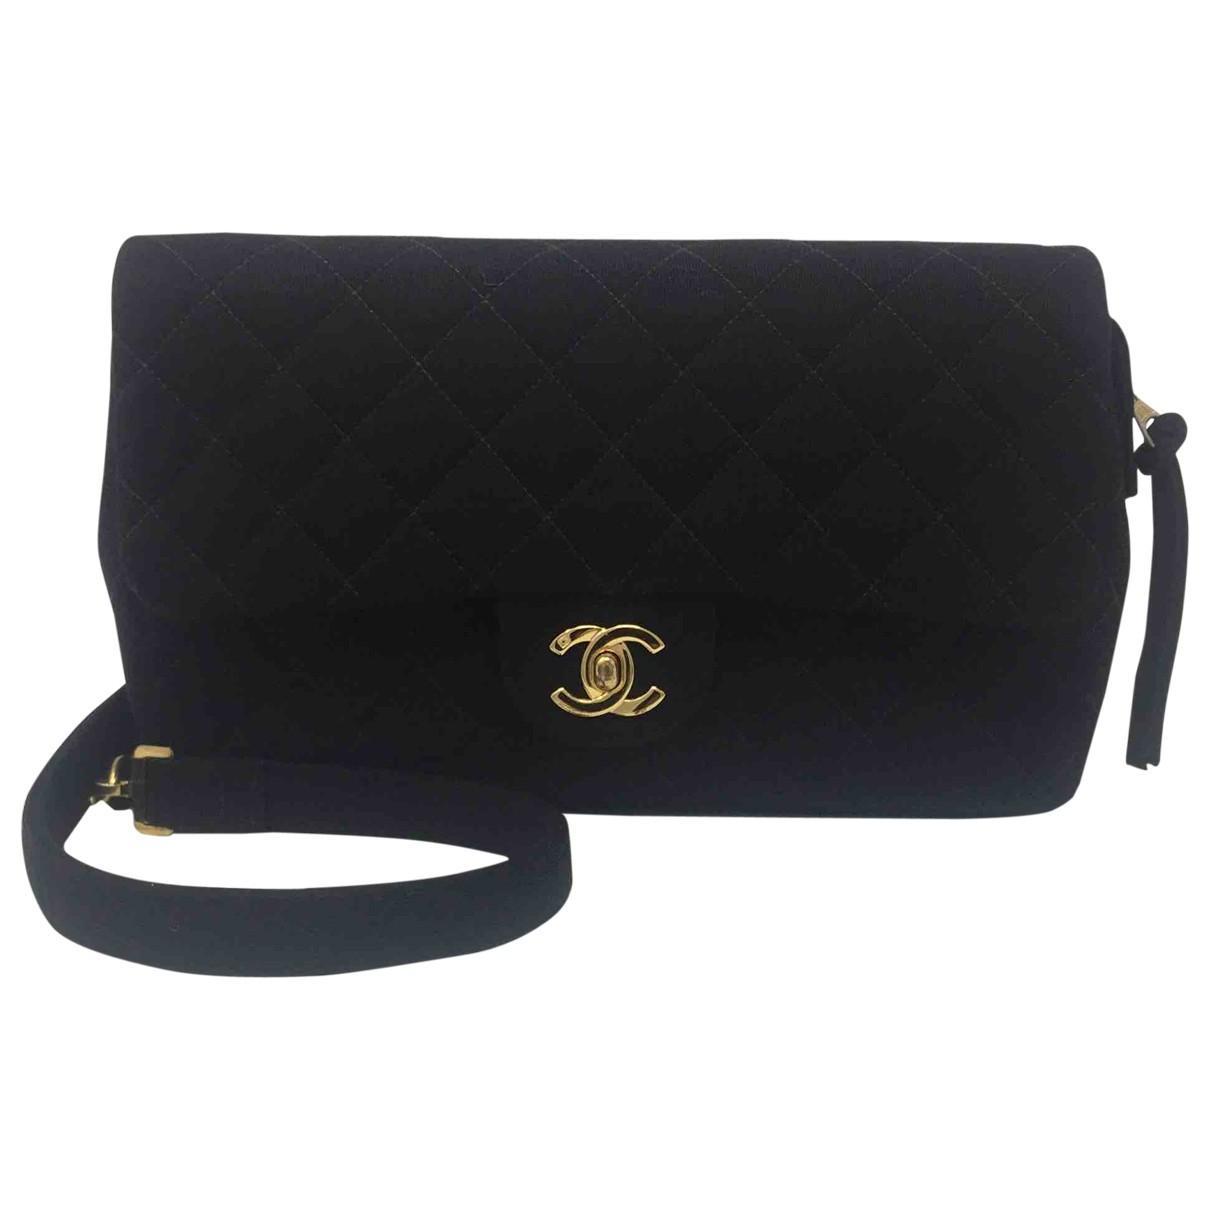 69c5605a12 Chanel Pre-owned Vintage Black Wool Backpacks in Black - Lyst